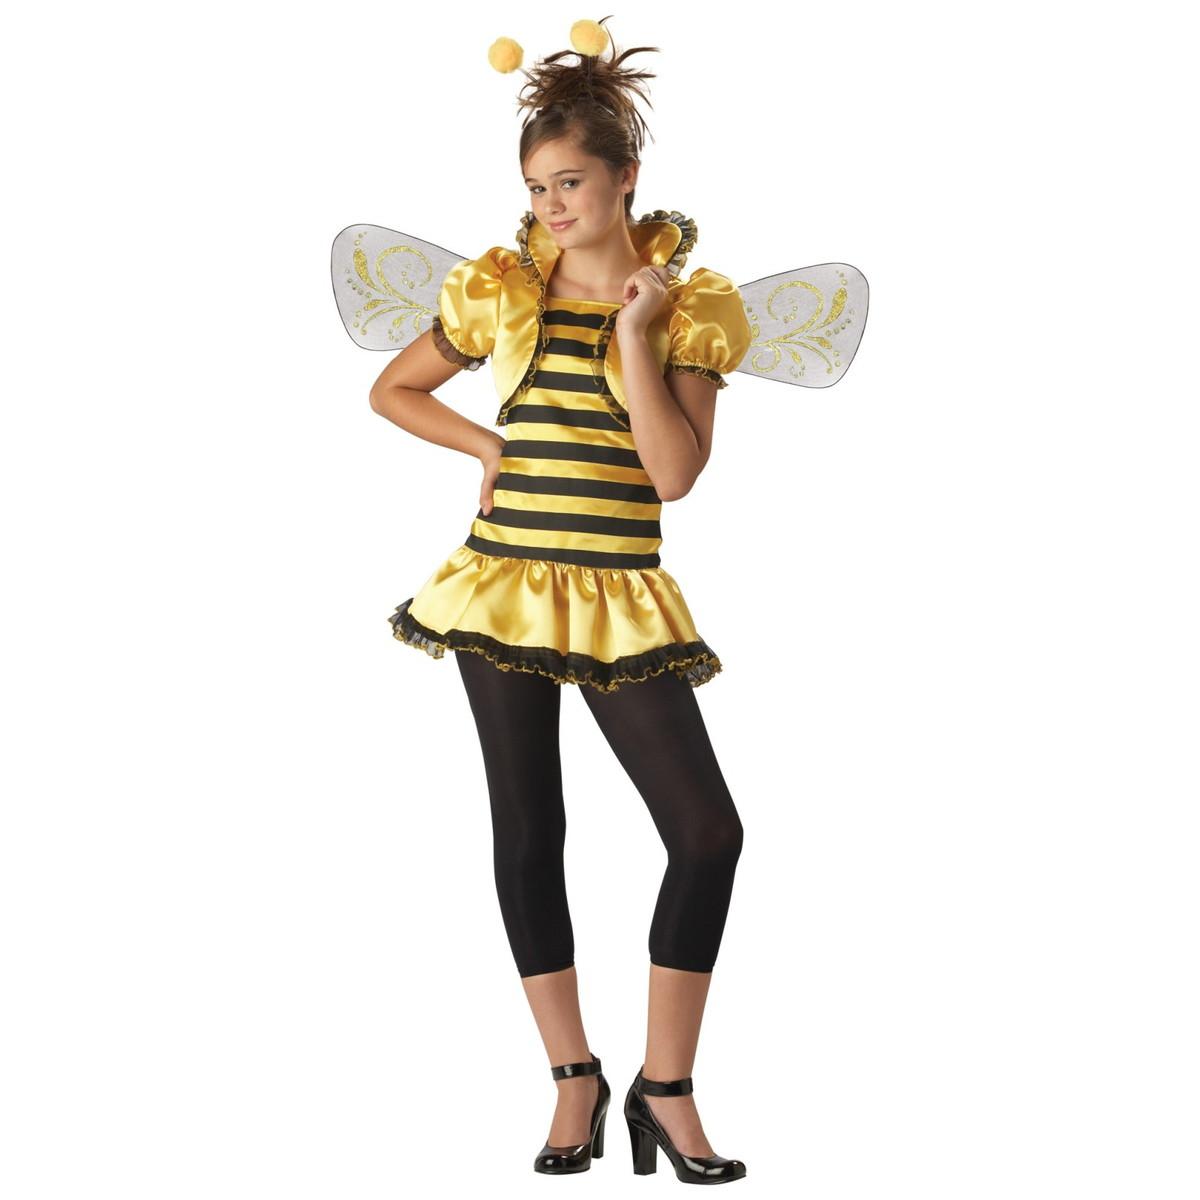 在庫処分市 蜂 ミツバチ コスプレ コスチューム 女の子 昆虫 ハロウィン 仮装 あす楽